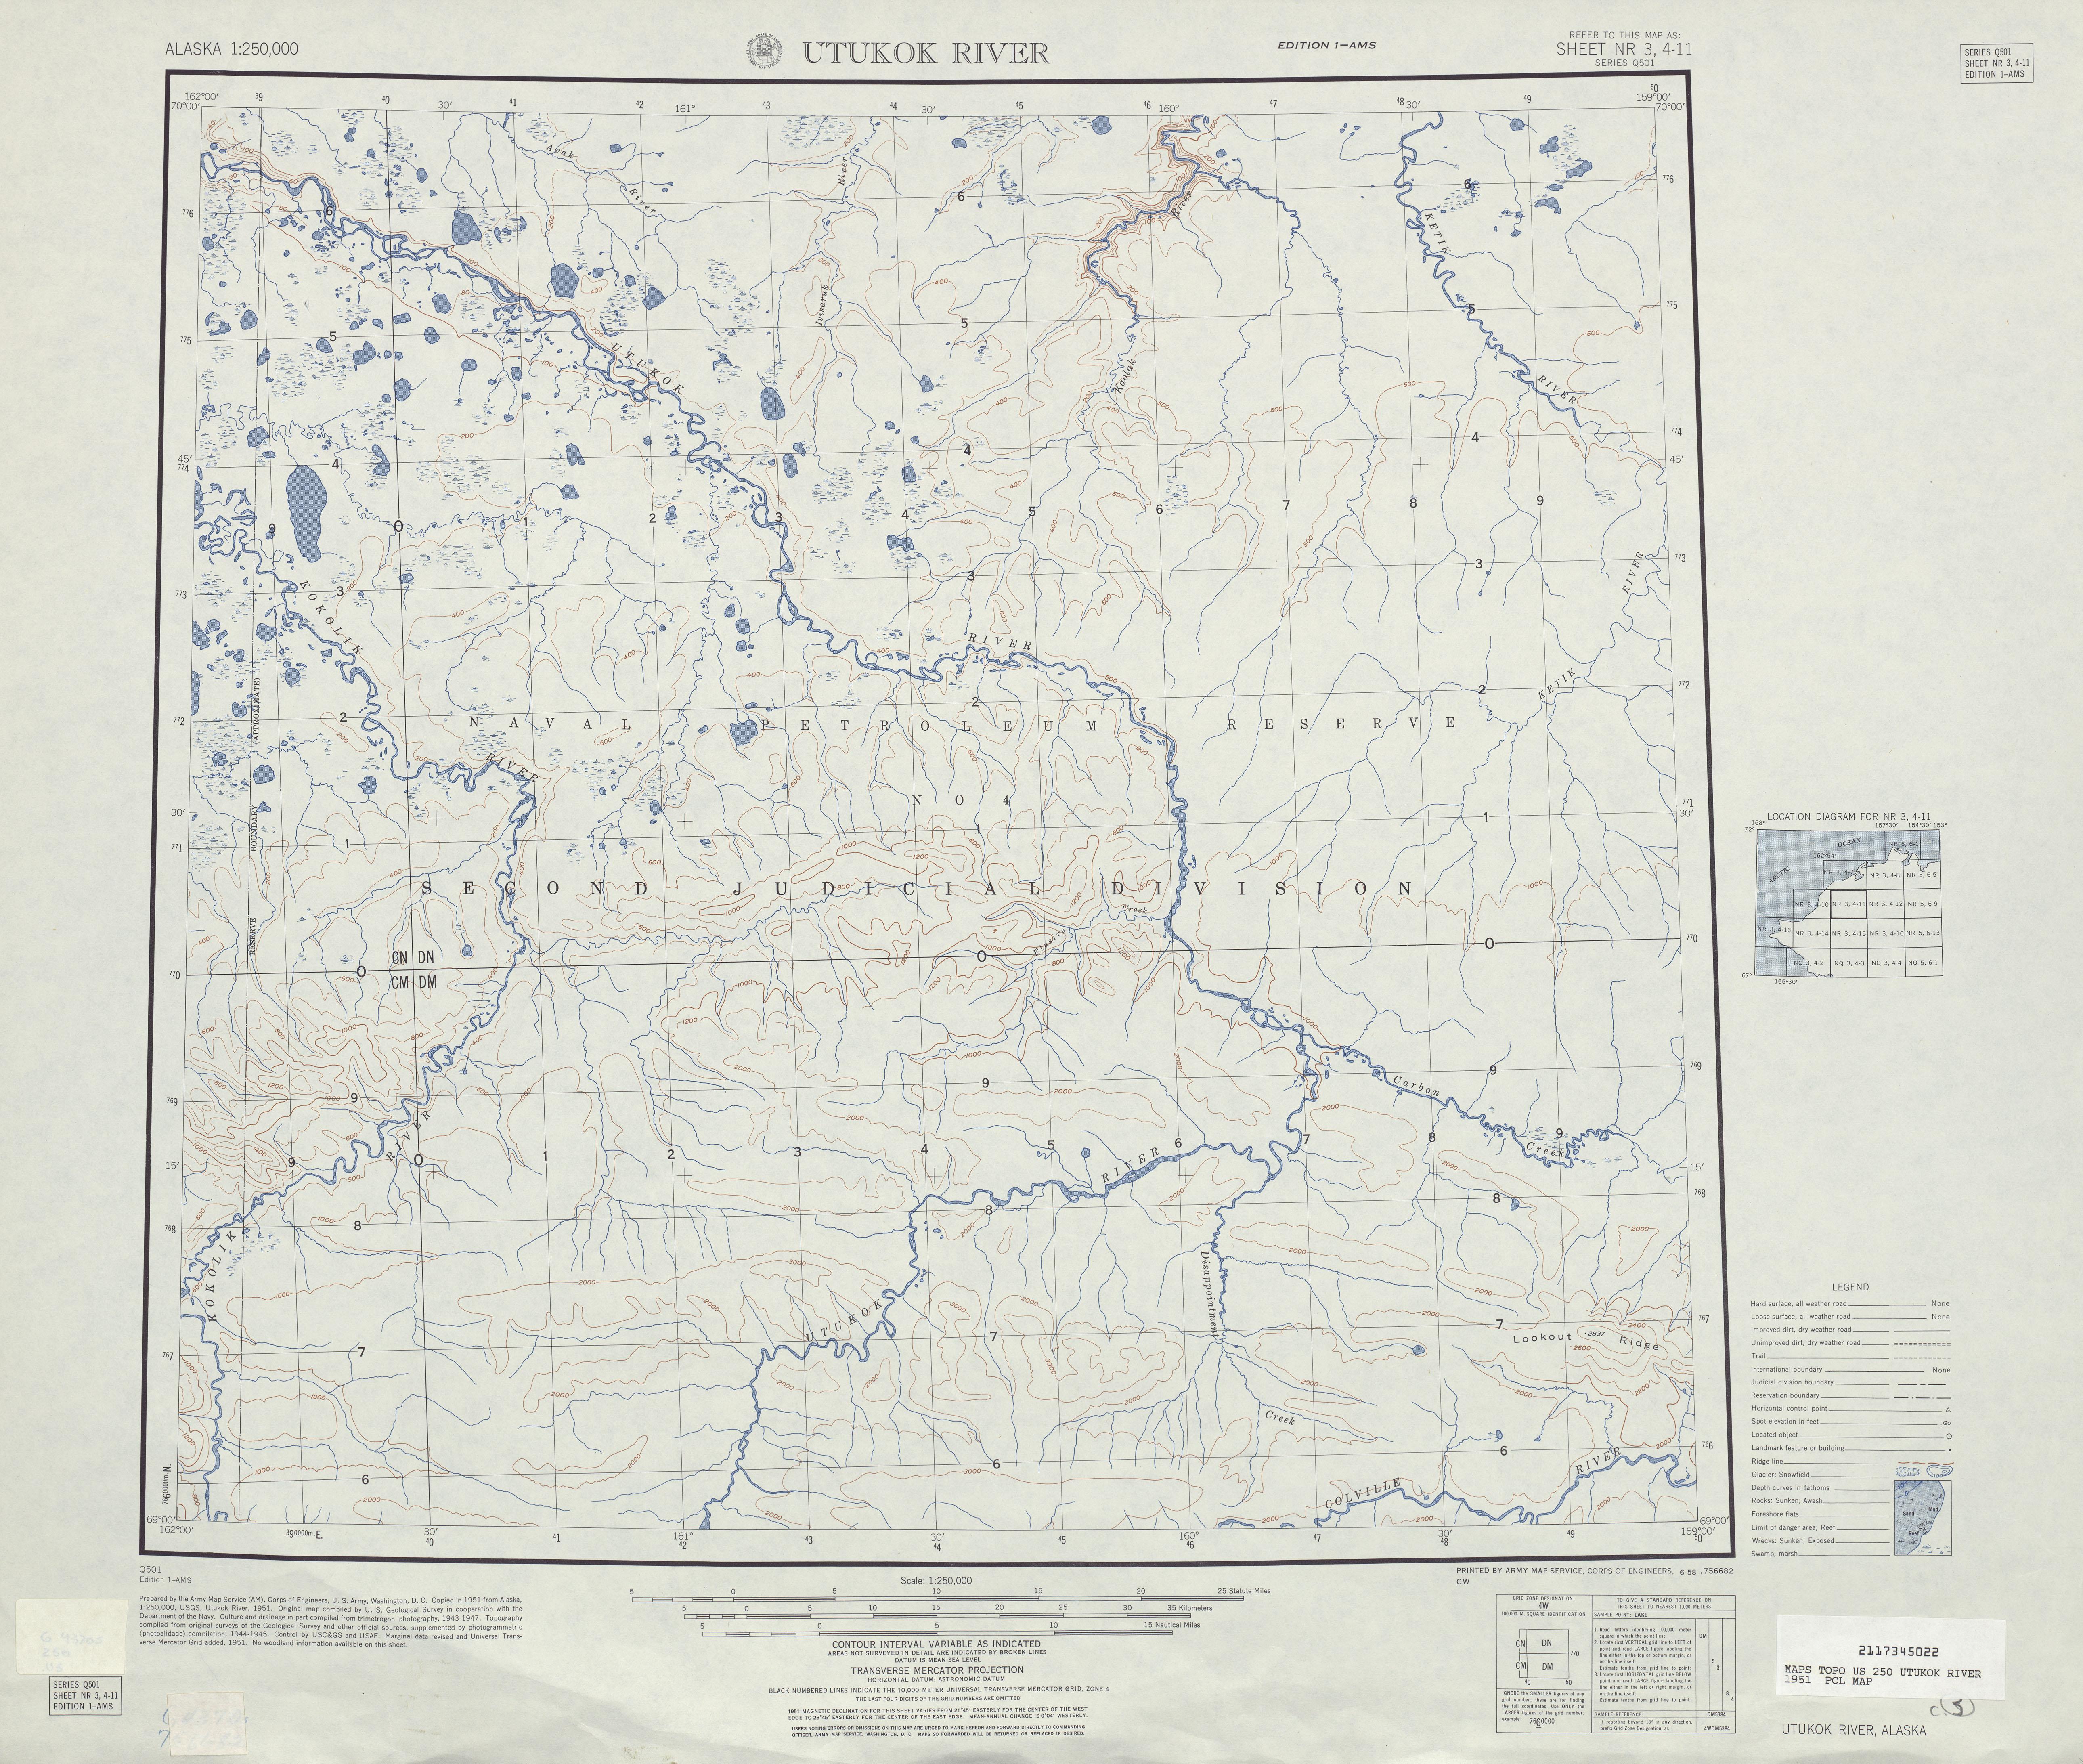 Hoja Utukok River del Mapa Topográfico de los Estados Unidos 1951